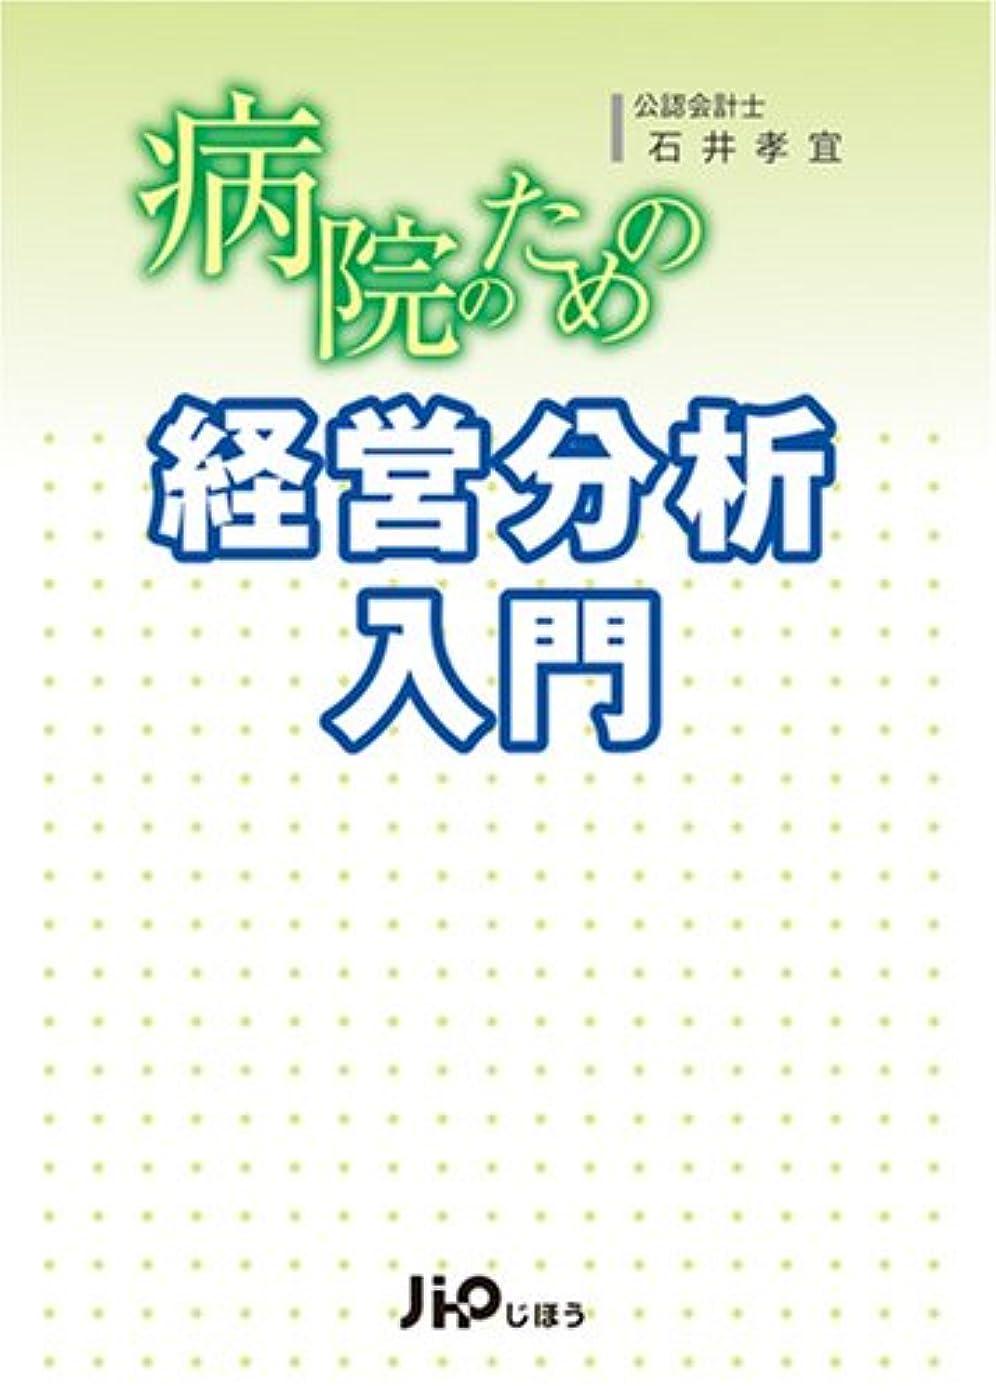 幻想ワイプパトロール図解 ドラッカーに学ぶ歯科医院経営50のヒント (QDM(クイントデンタルマネジメント) Vol.01)